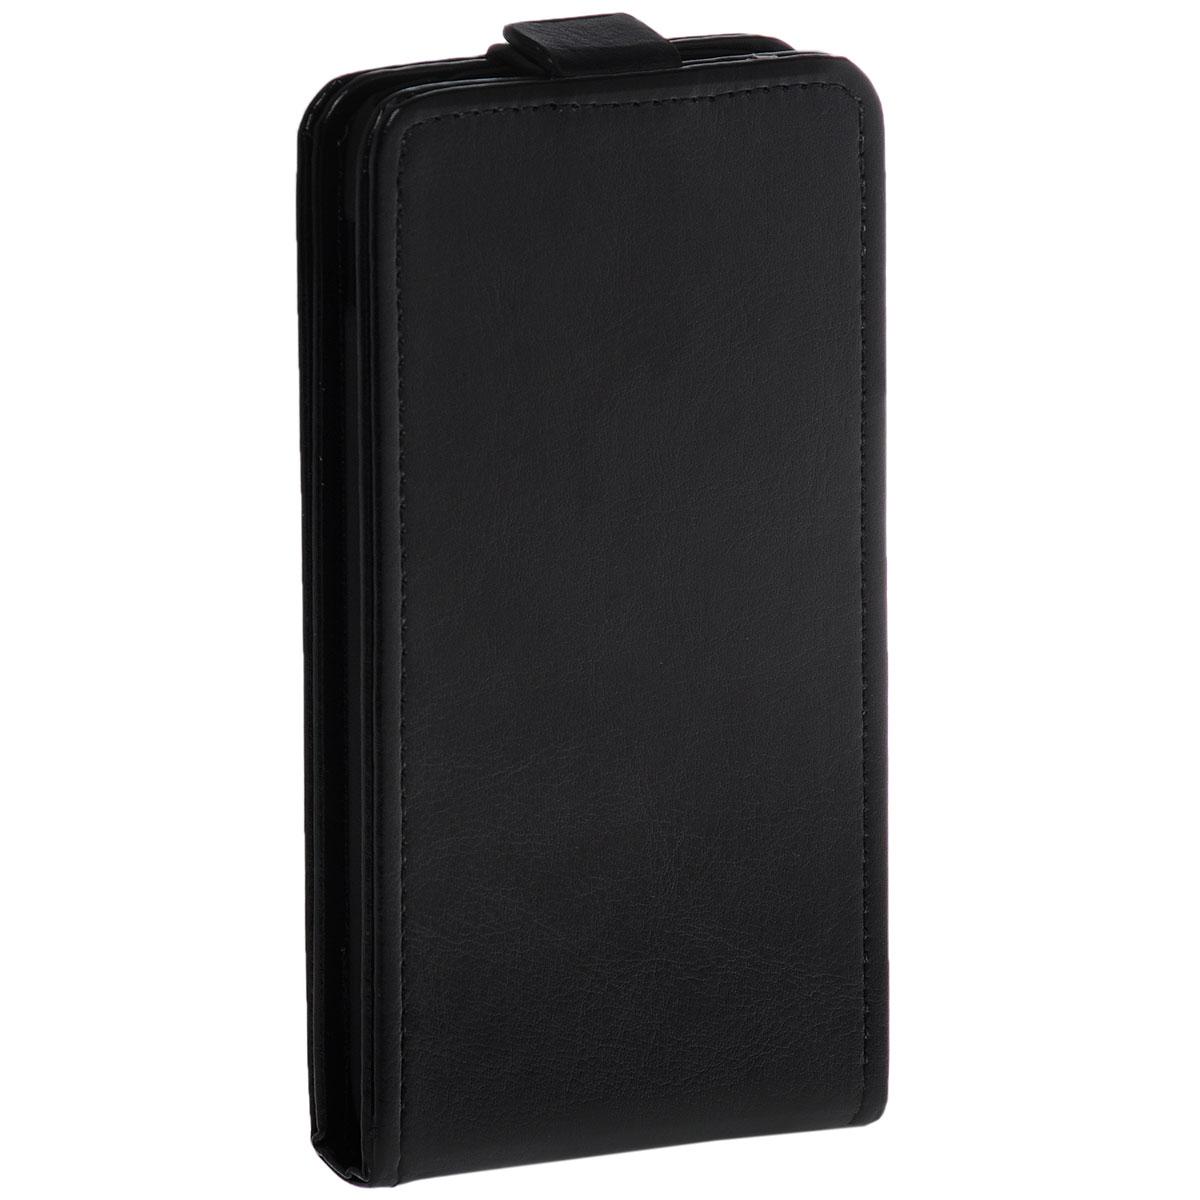 Skinbox Flip Case чехол для Alcatel Idol 3 5.5, BlackT-F-AI3Чехол Skinbox Flip Case для Alcatel Idol 3 выполнен из высококачественного поликарбоната и экокожи. Он обеспечивает надежную защиту корпуса и экрана смартфона и надолго сохраняет его привлекательный внешний вид. Чехол также обеспечивает свободный доступ ко всем разъемам и клавишам устройства.